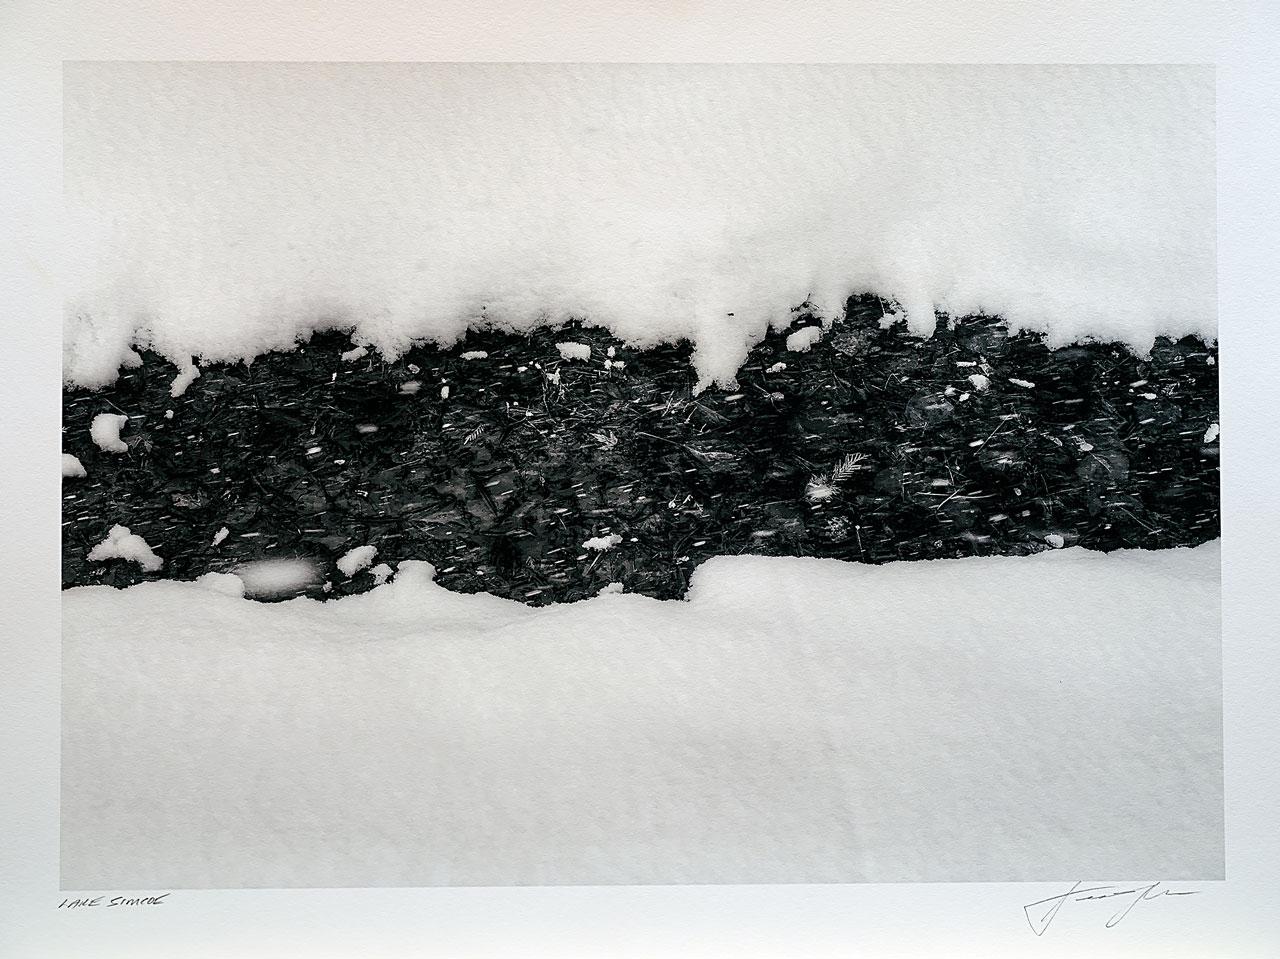 print-Canada-Ontario-lake-simcoe-winter